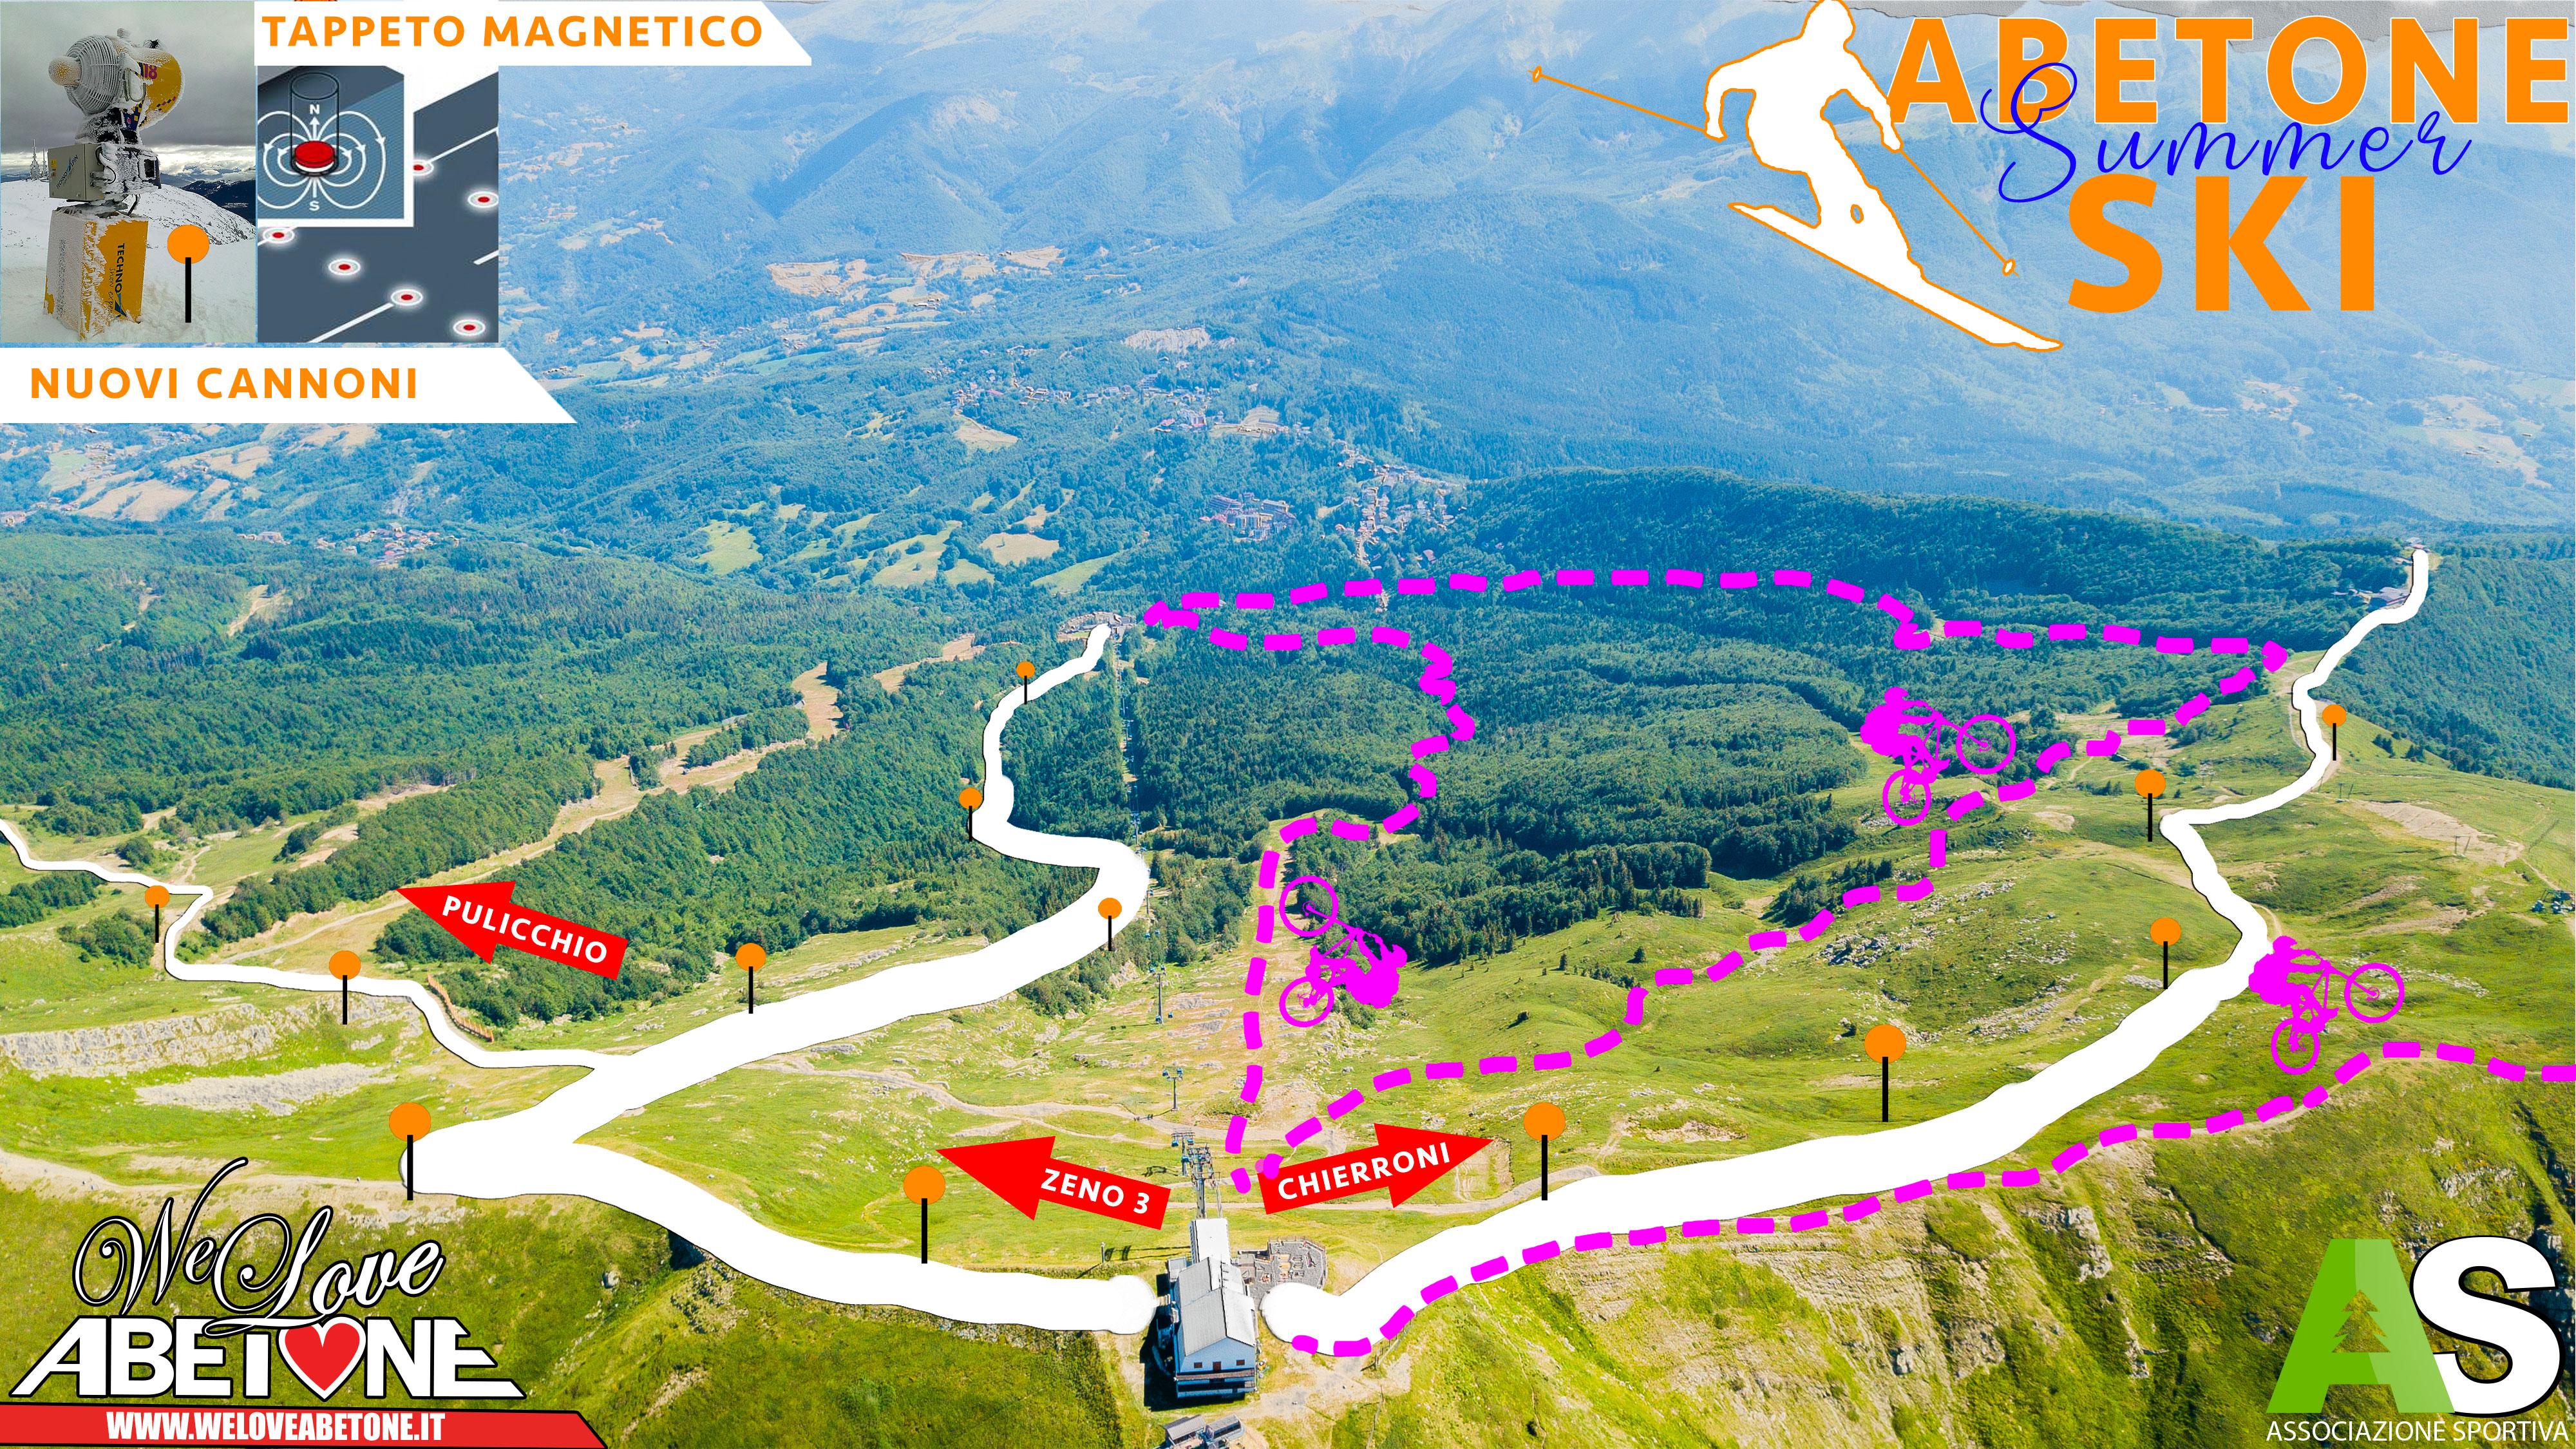 abetone summer ski 2019